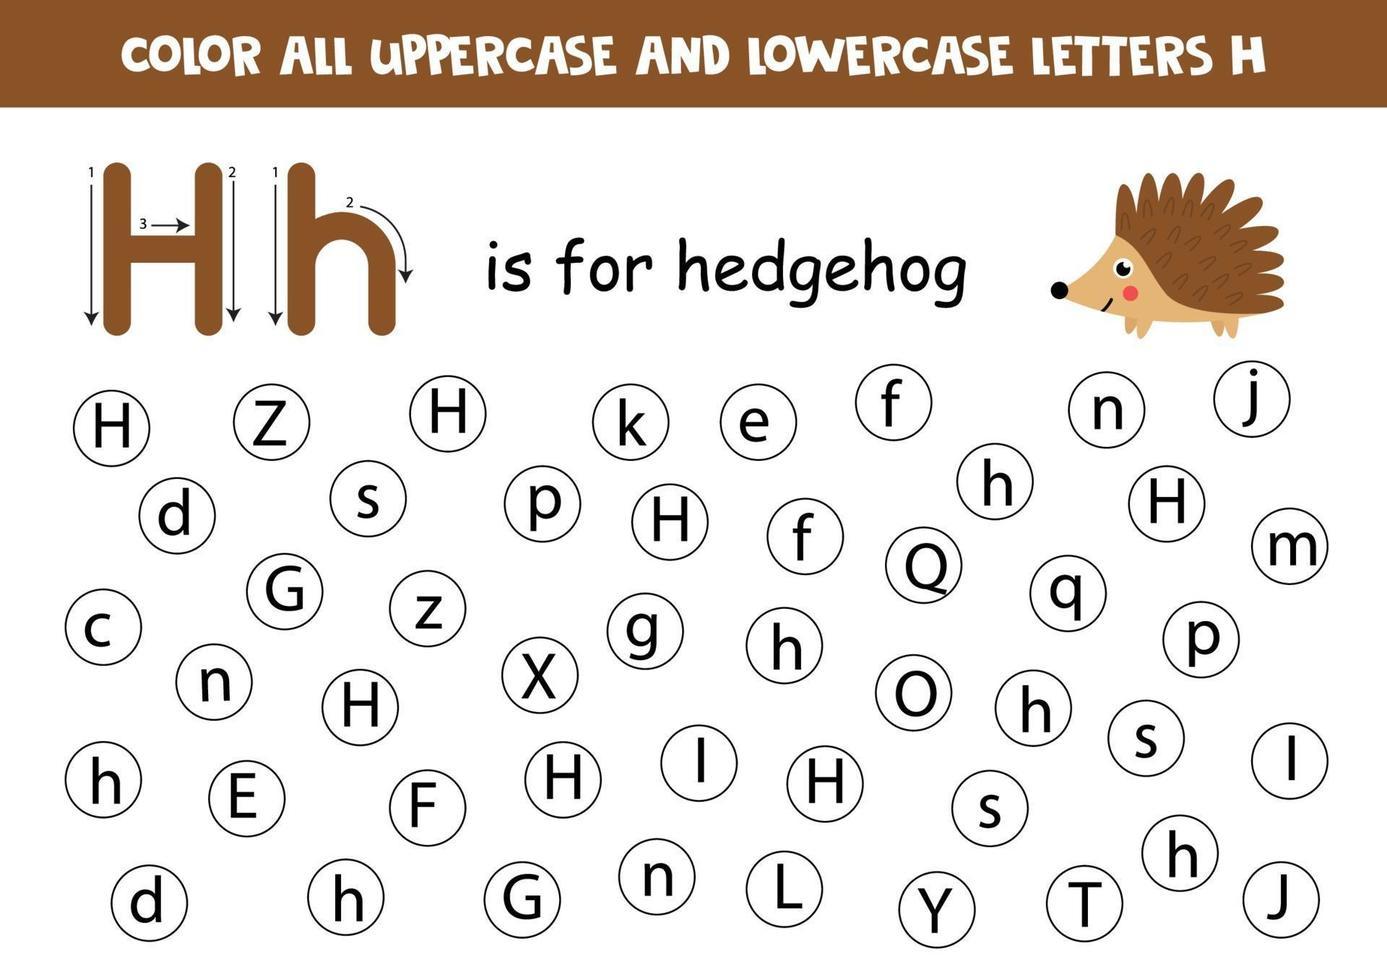 alfabetet kalkylblad. hitta alla bokstäver hh. prickbokstäver. vektor